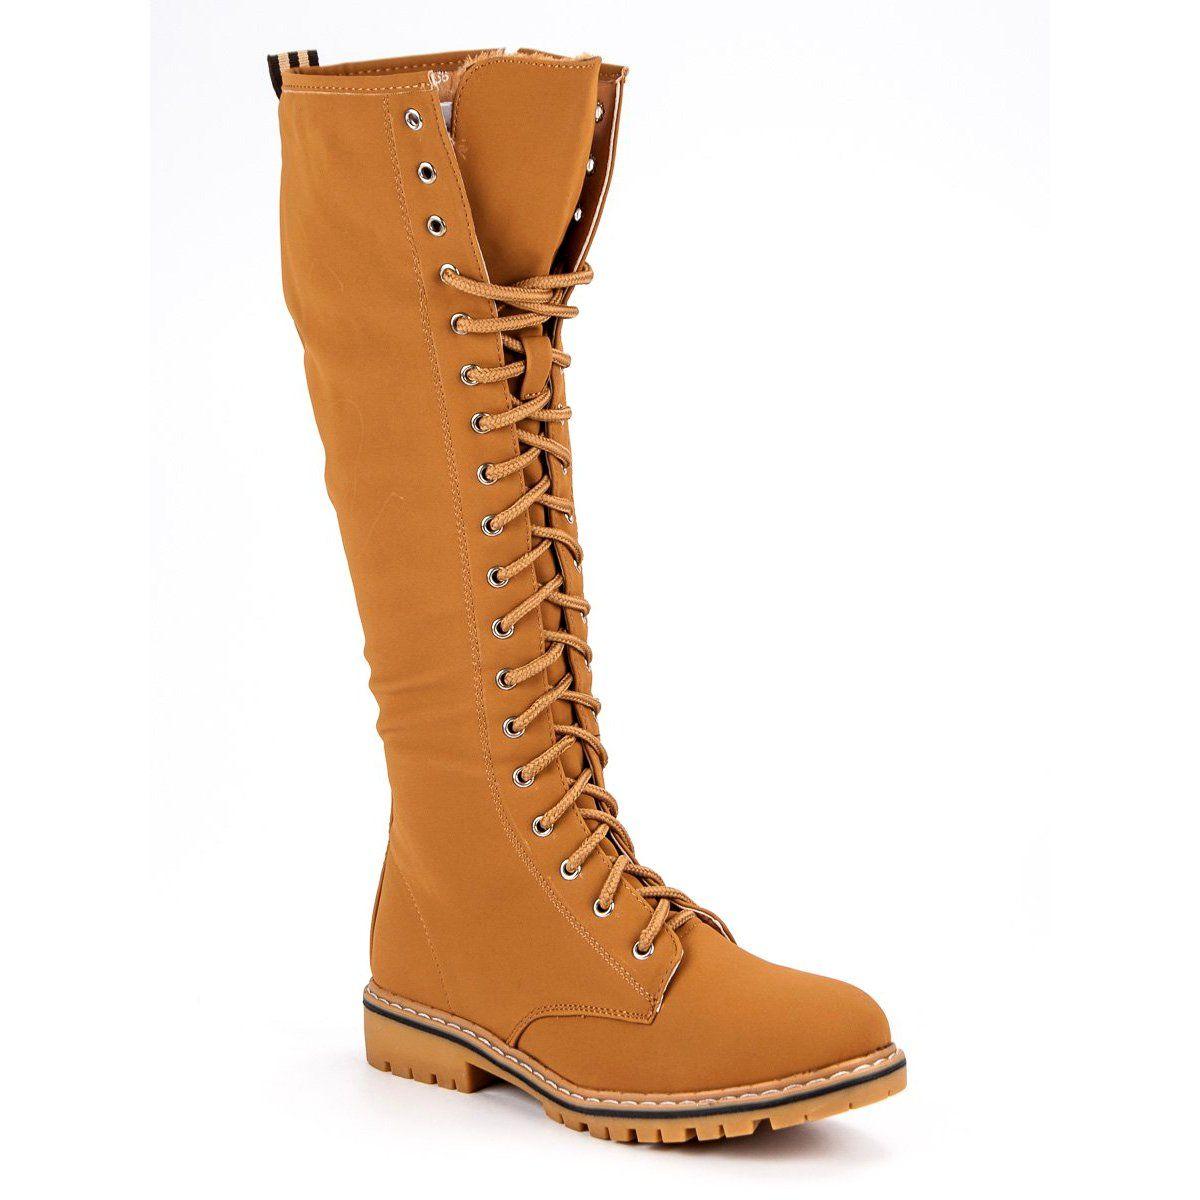 Seastar Sznurowane Kozaki Damskie Brazowe Womens Boots Boots Boot Shoes Women